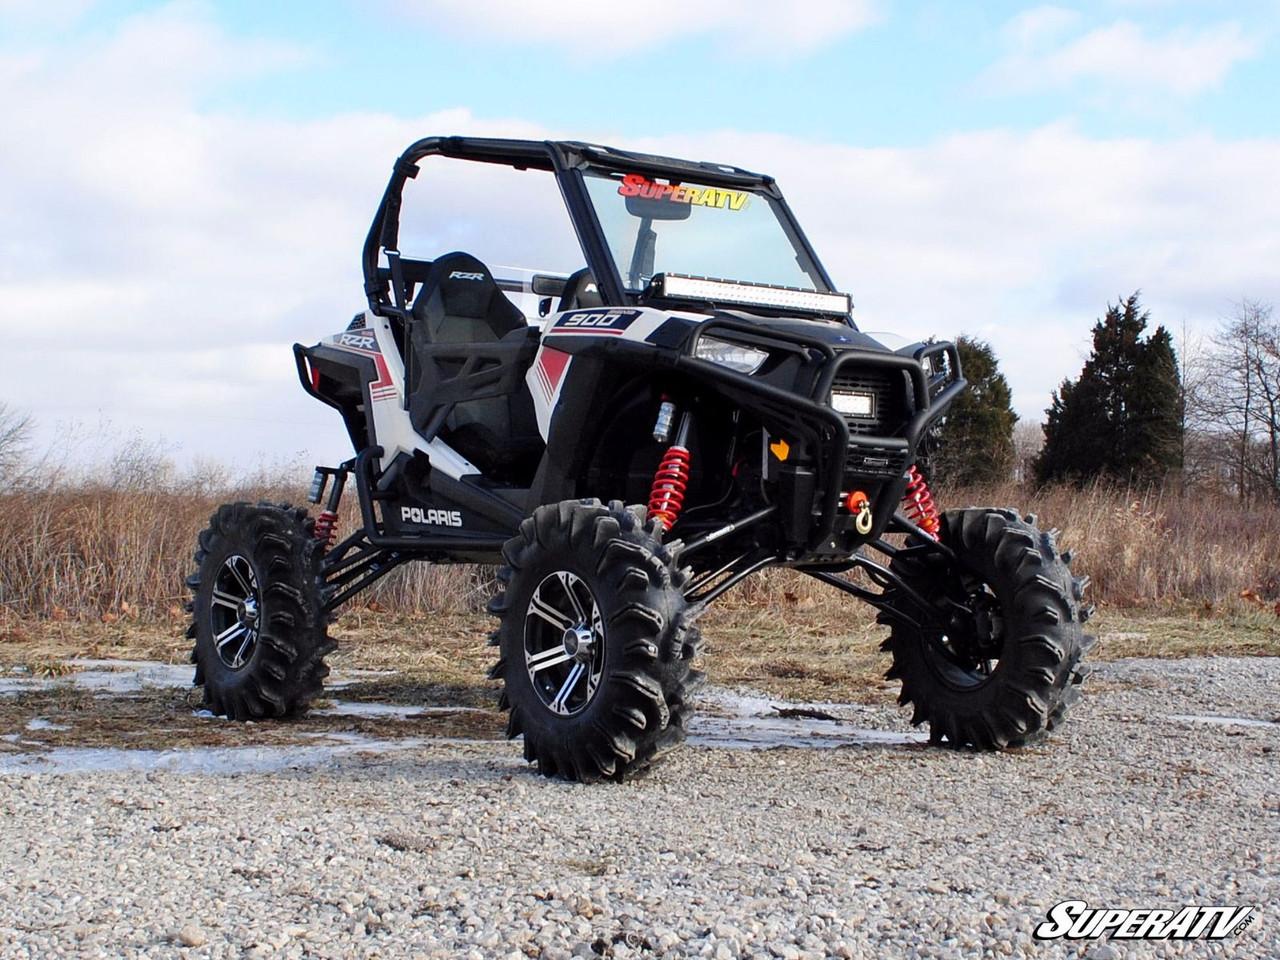 Super ATV Polaris RZR S/General 1000 7-10